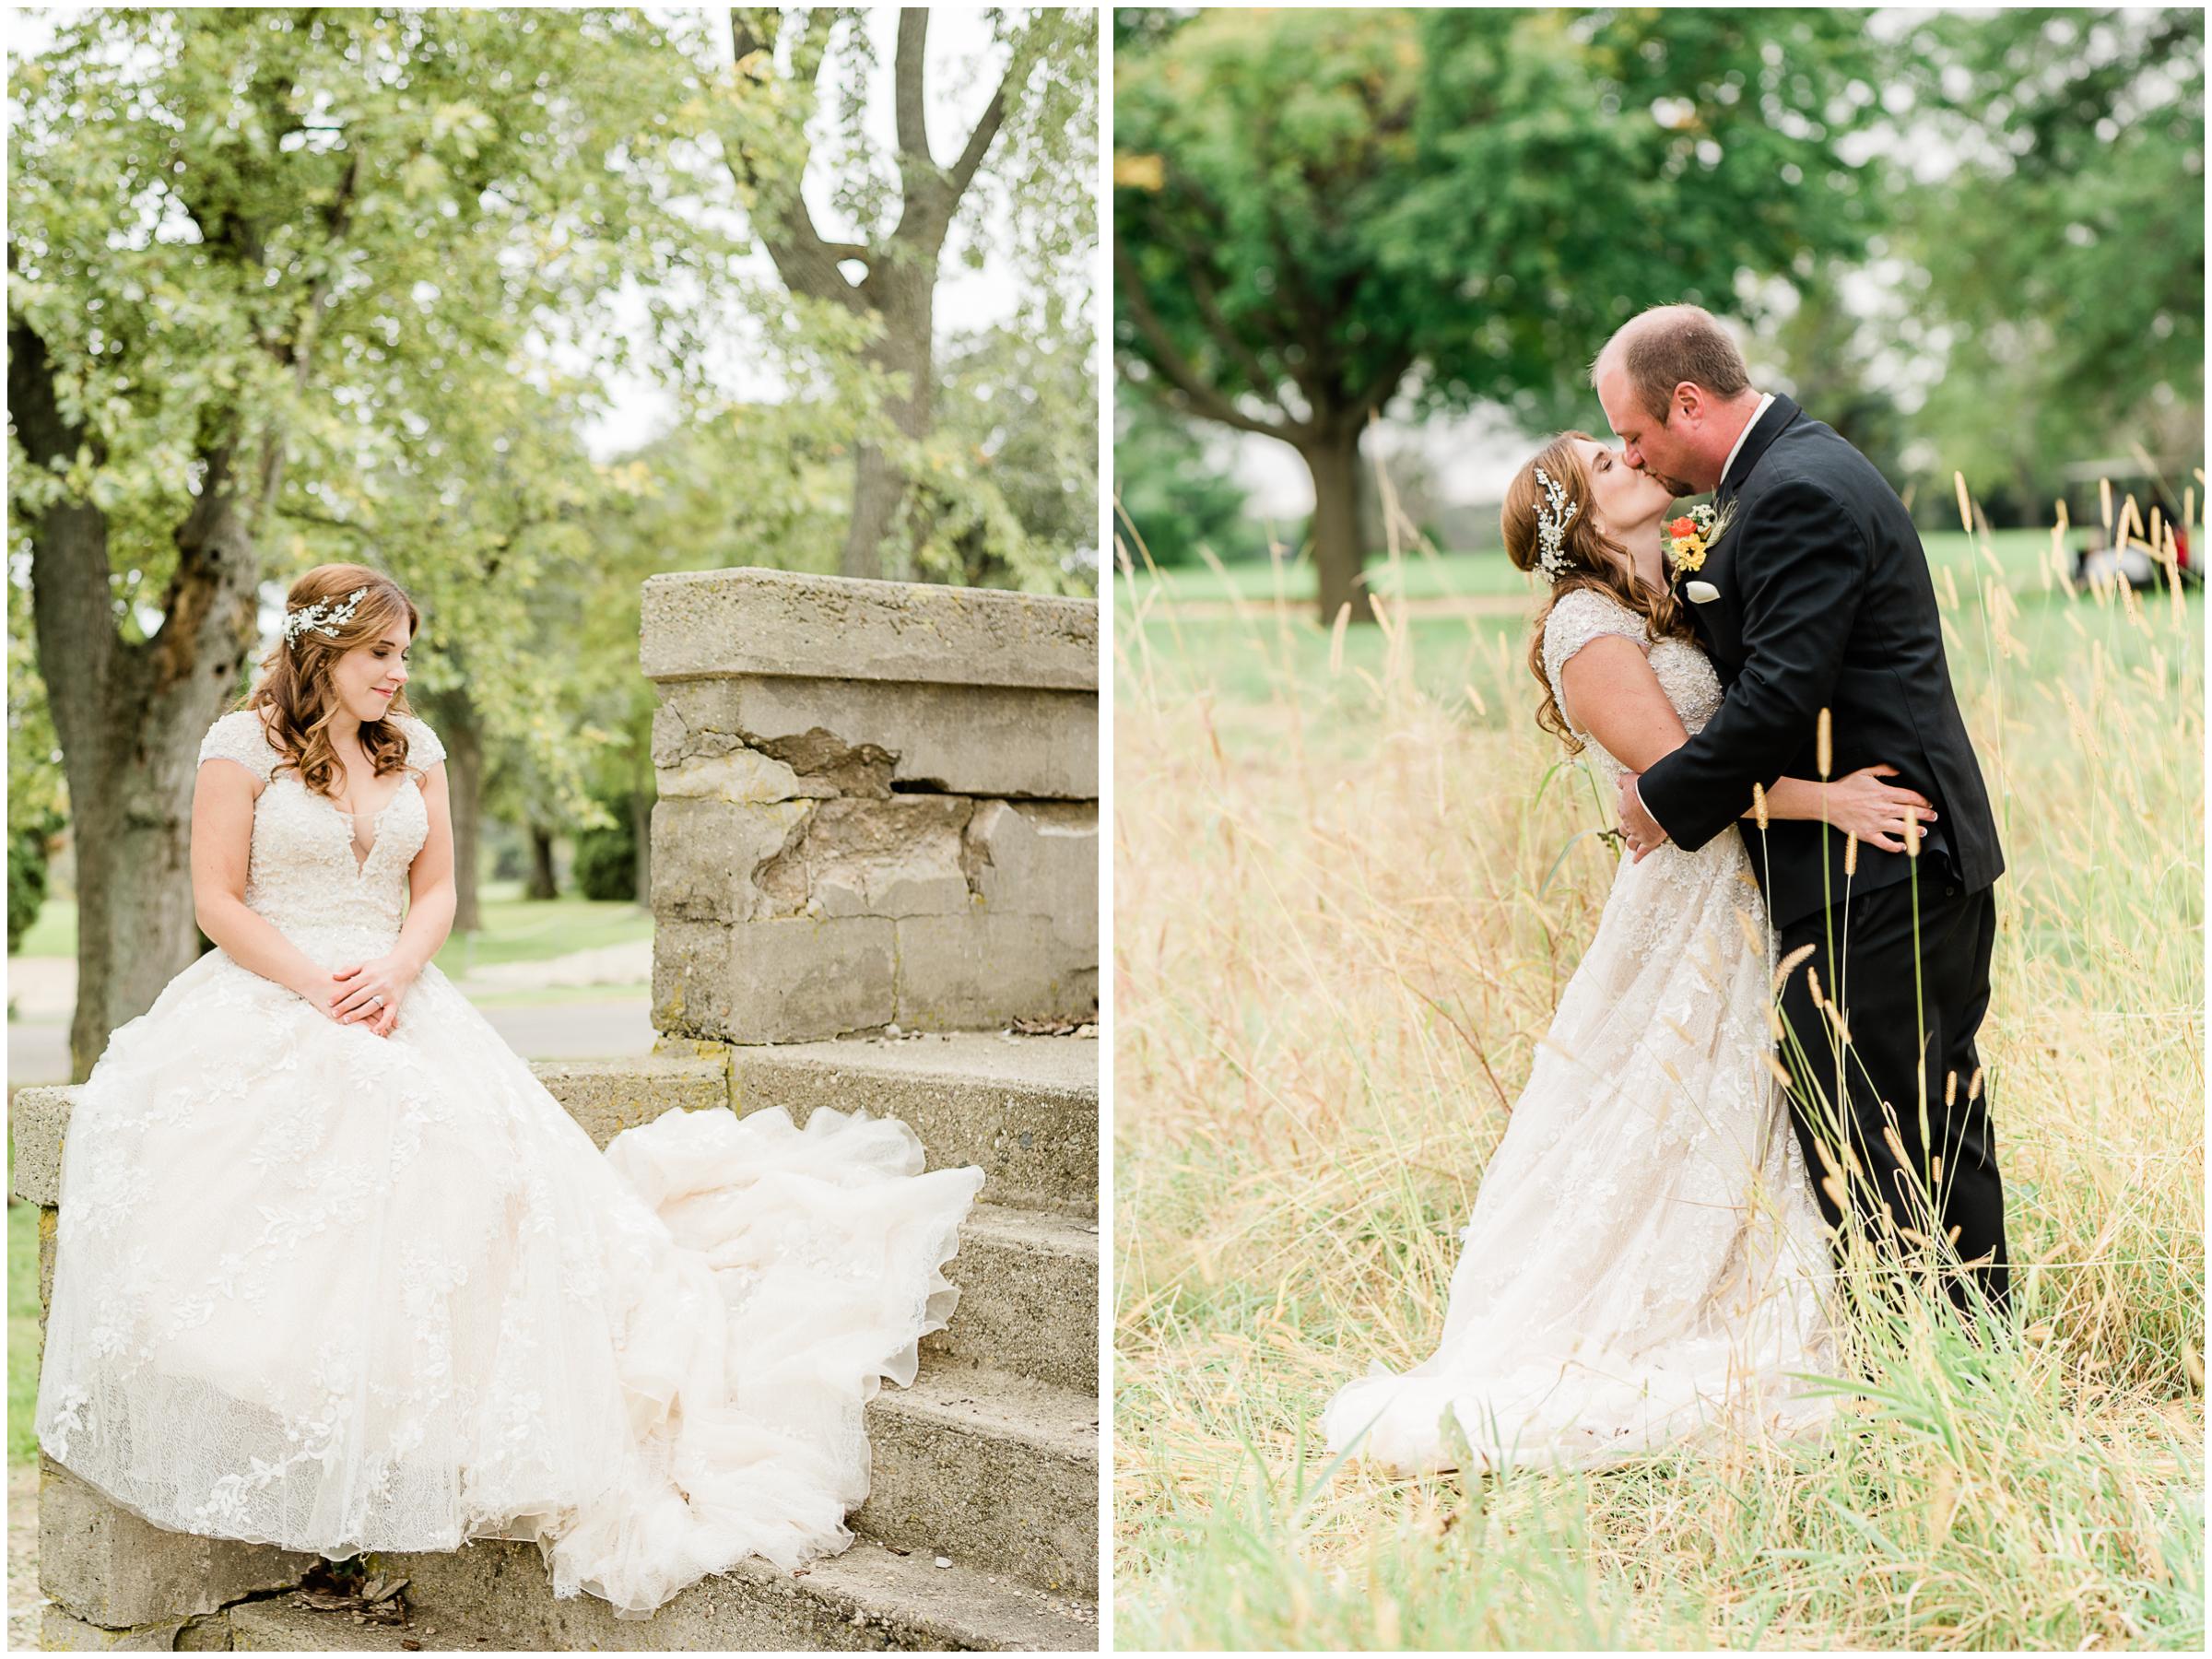 minocqua-wisconsin-woodruff-wedding-engagement-family-senior-photographer-northwoods-eagle-river-affordable21.jpg